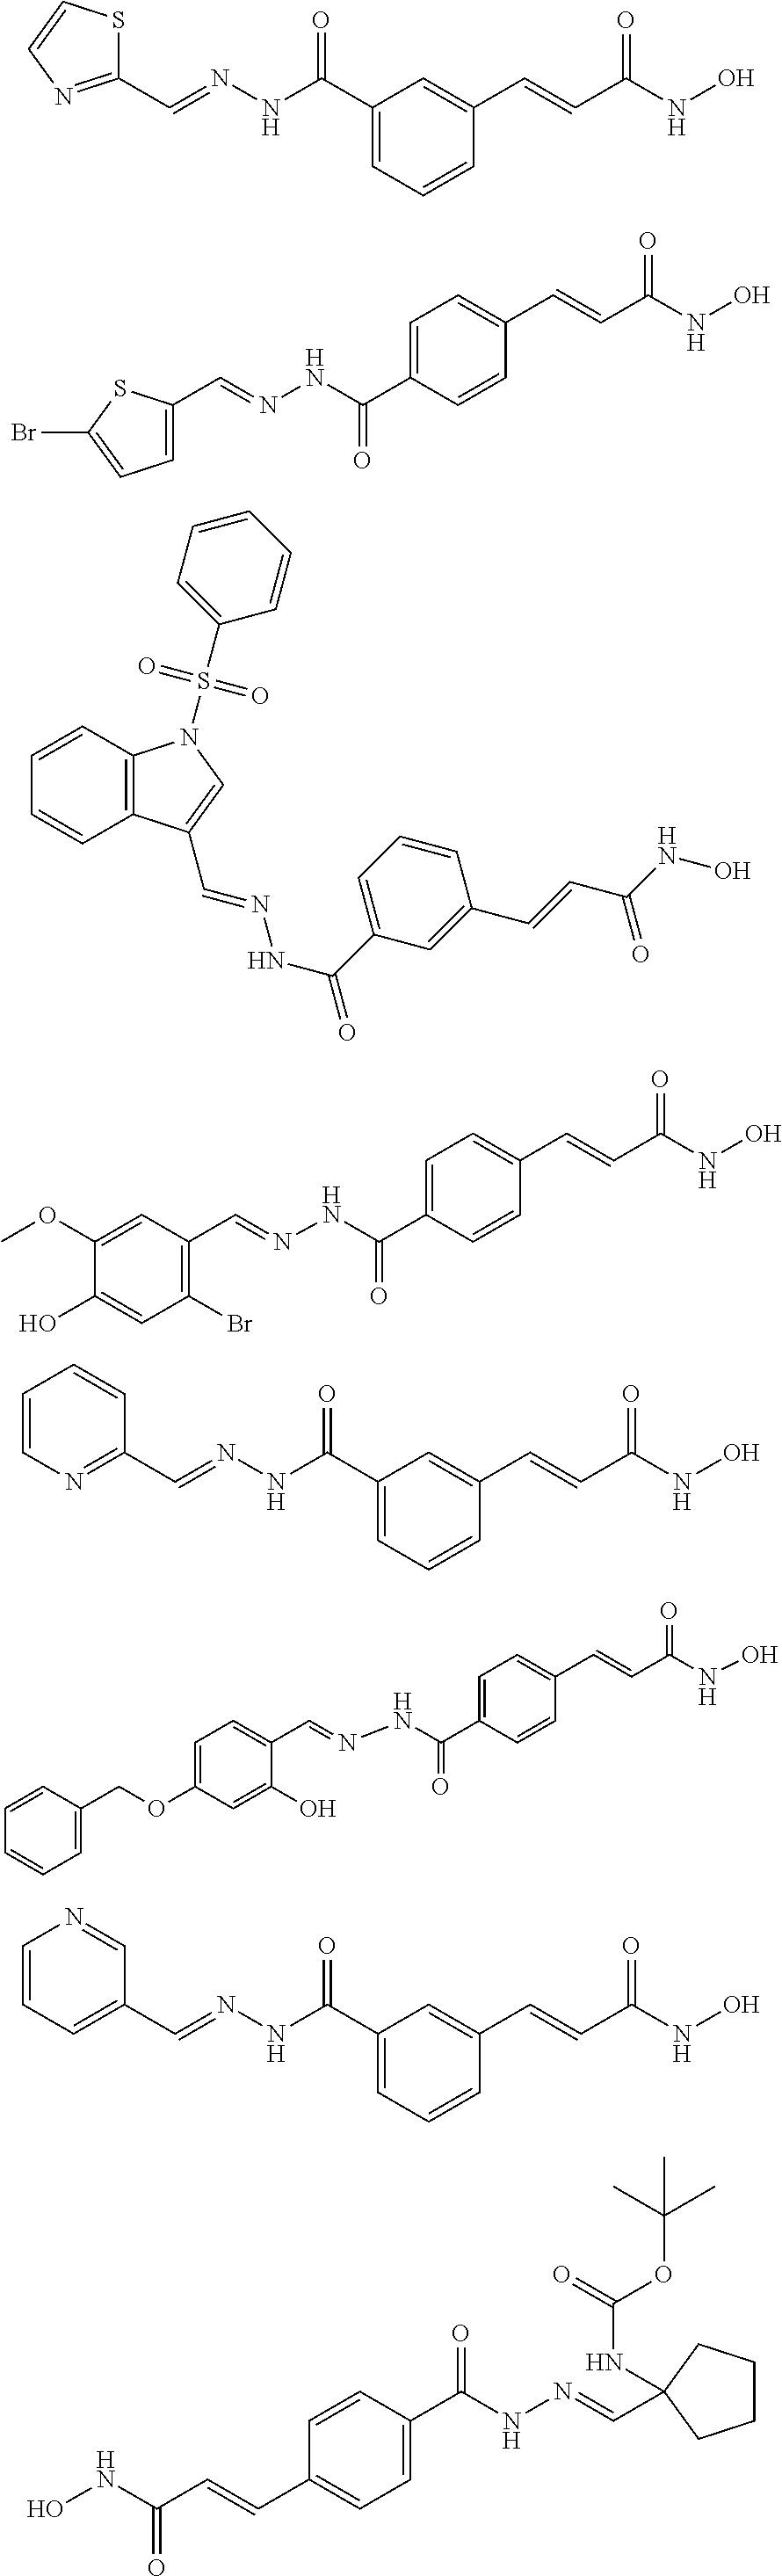 Figure US09540317-20170110-C00069